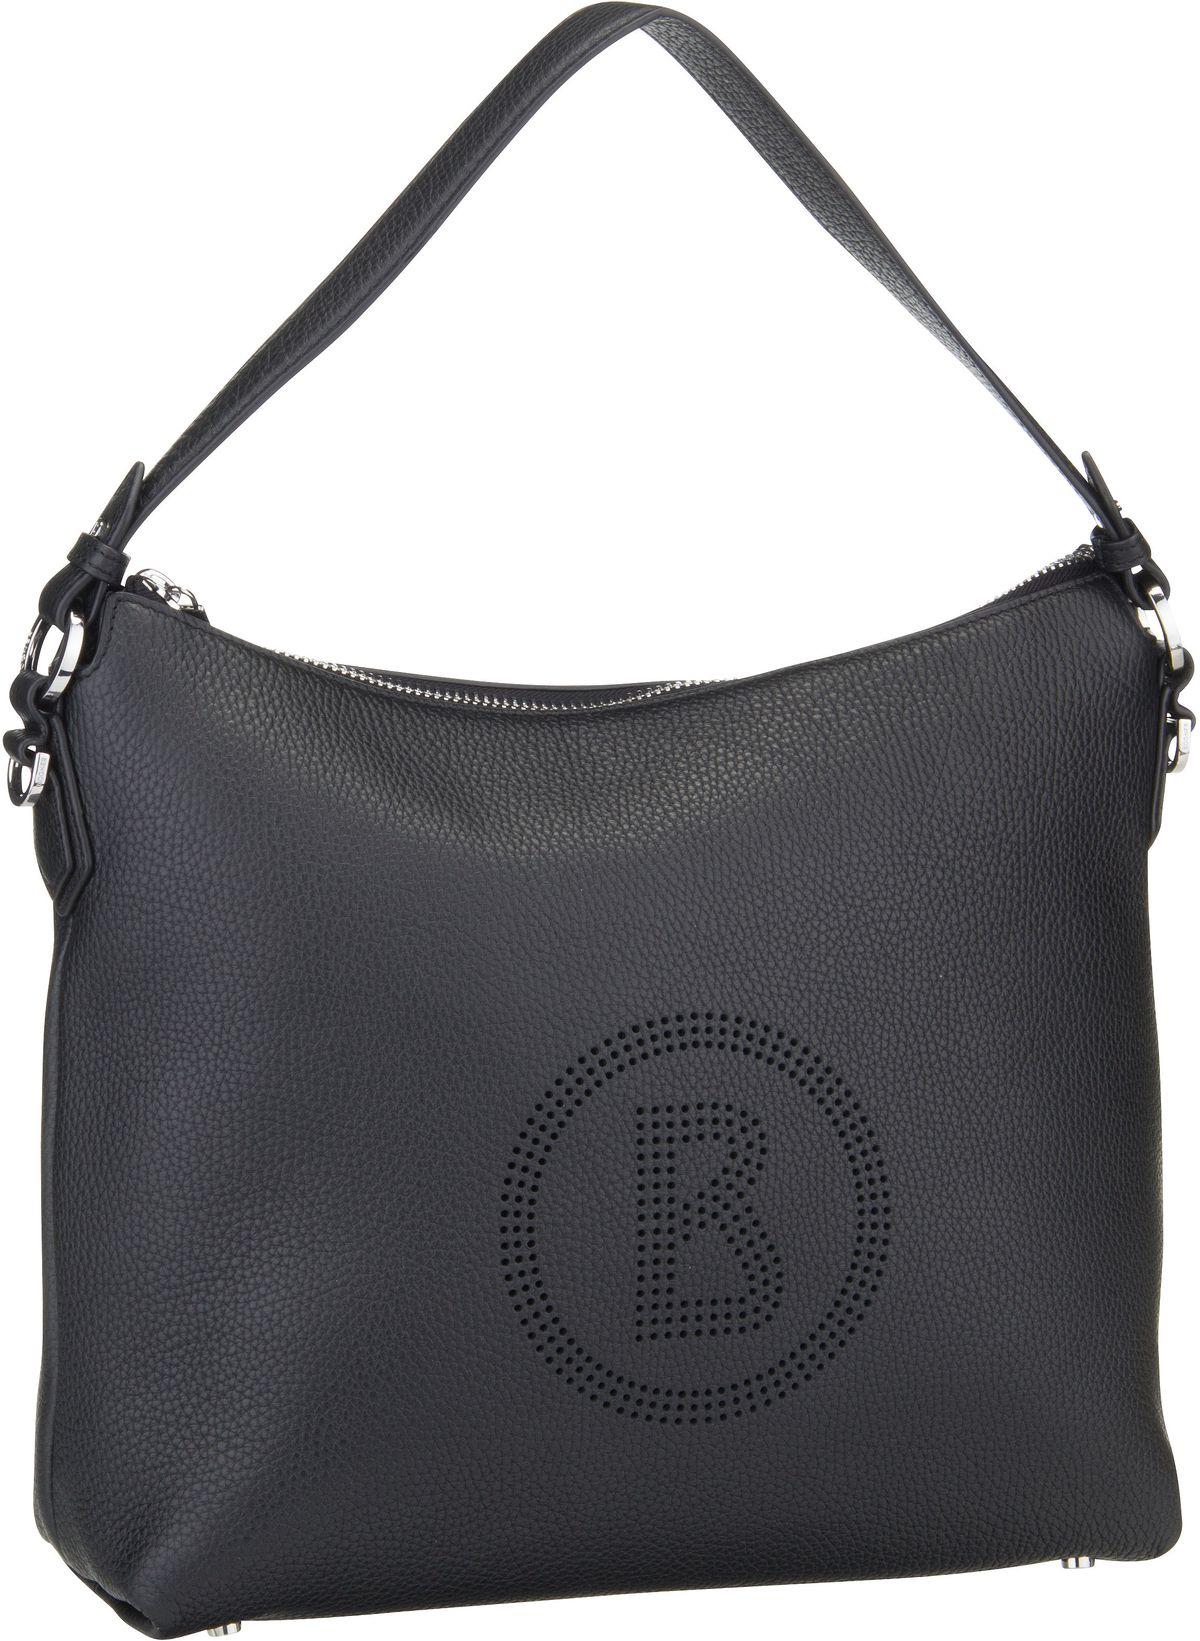 Handtasche Sulden Marie Hobo MHZ Black